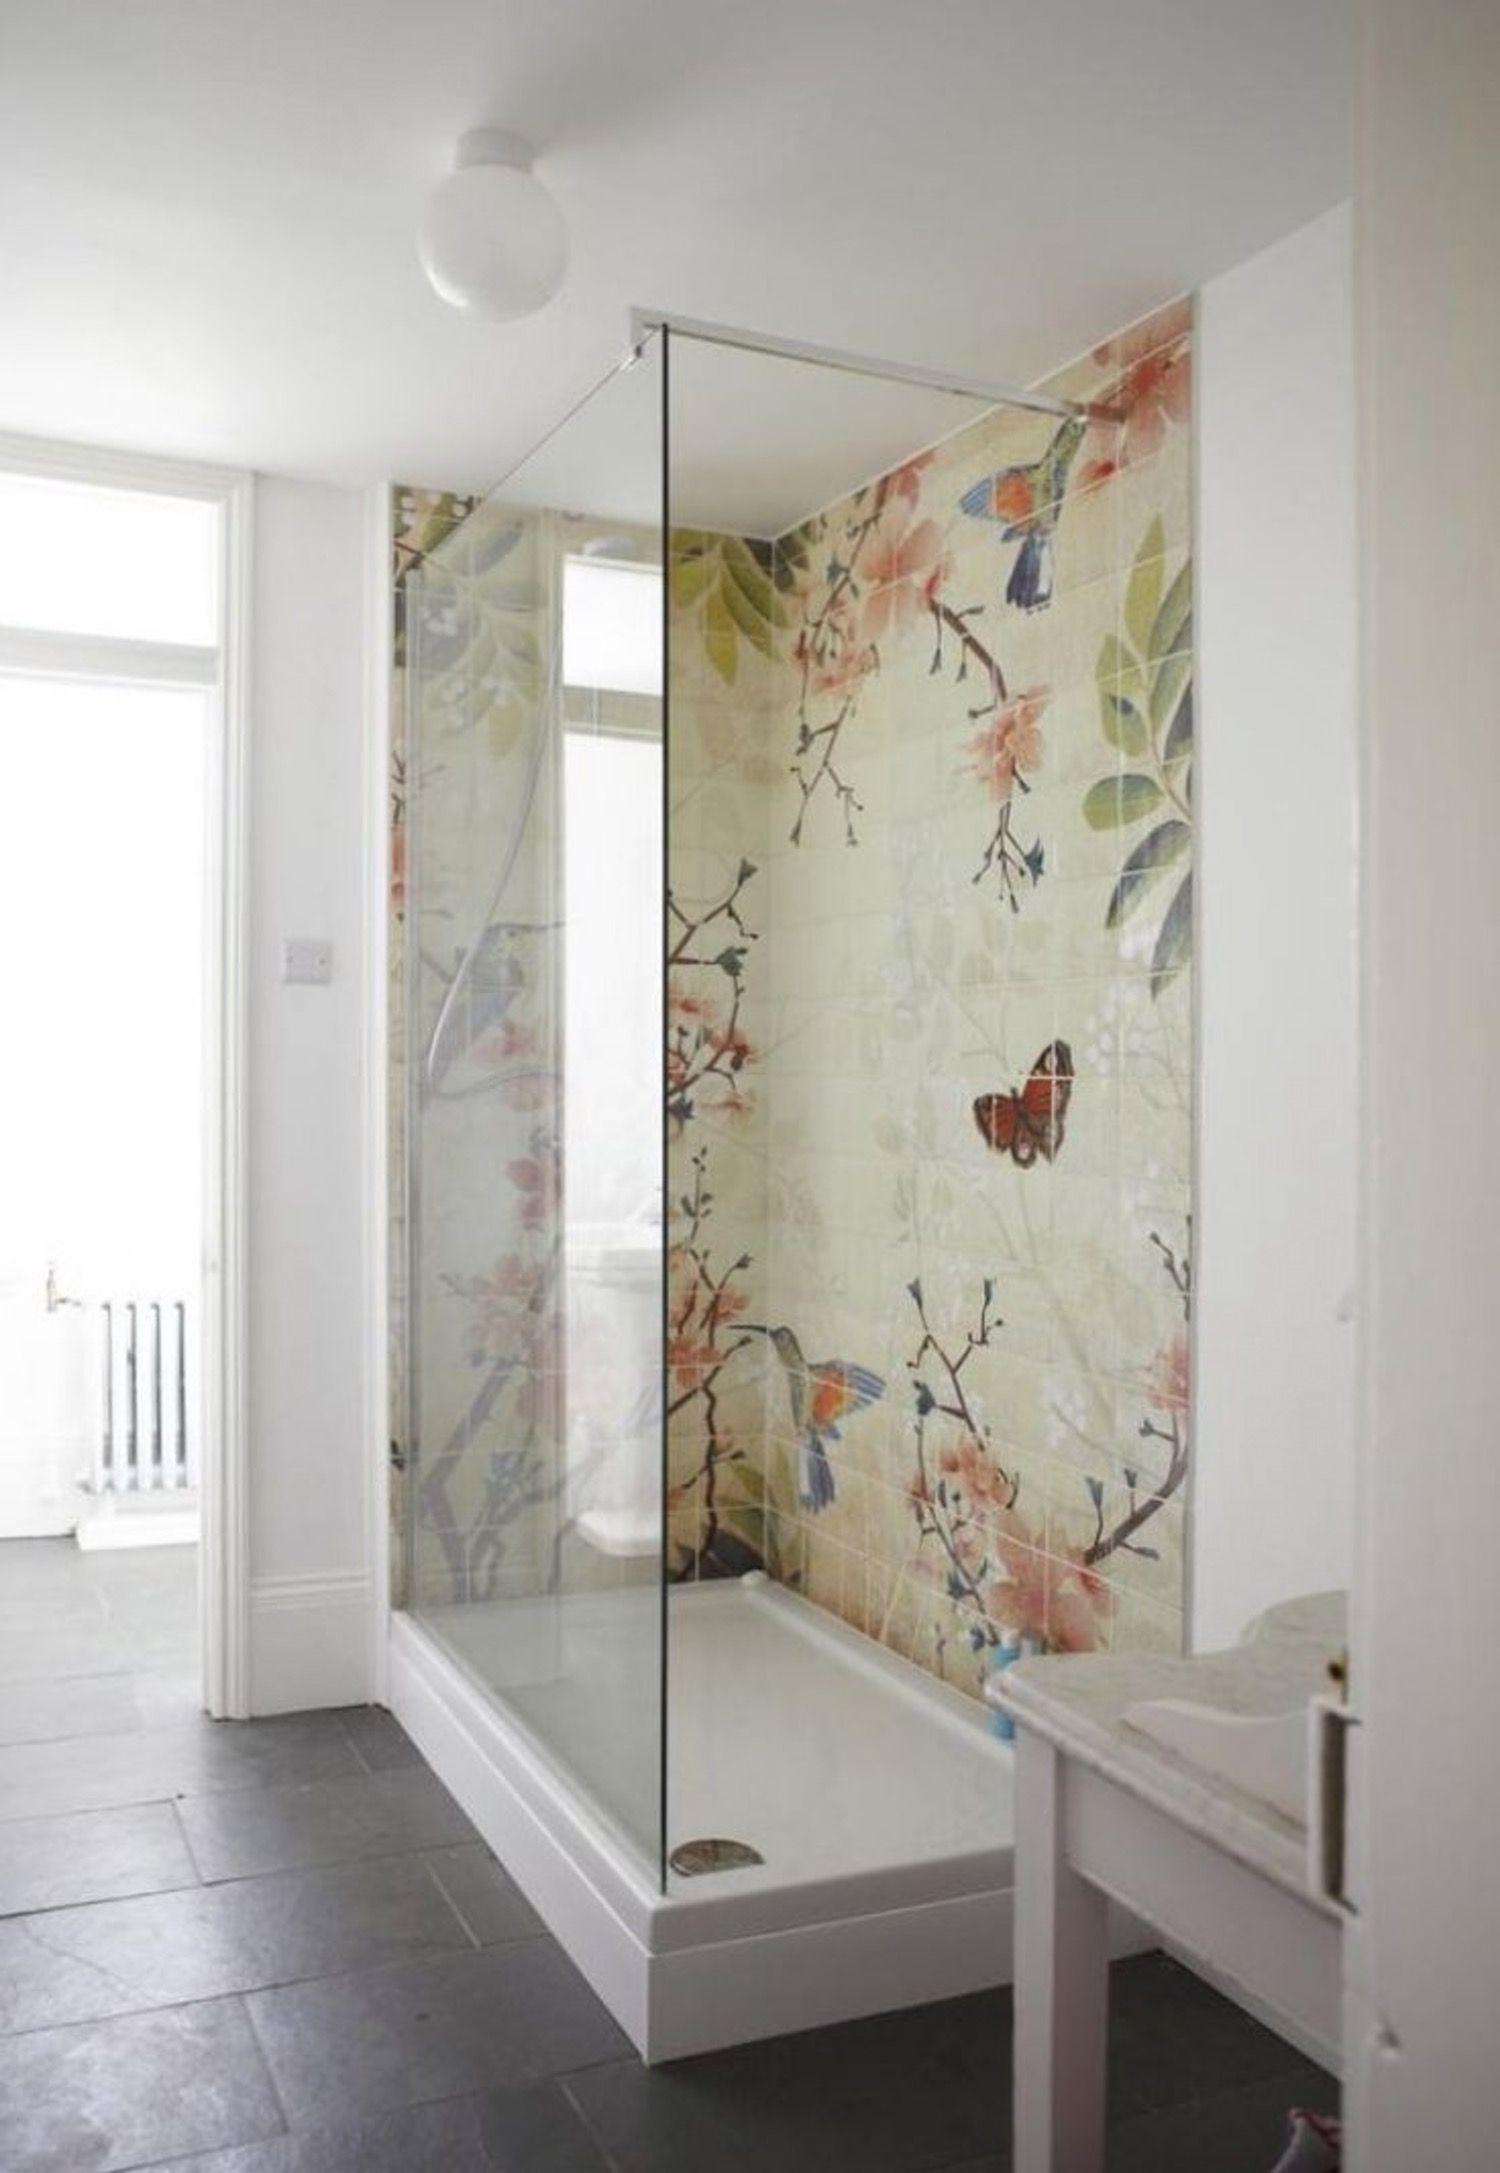 Dipingere le piastrelle del bagno finest trendy dipingere le piastrelle del bagno vernice per - Vernice per vasca da bagno ...